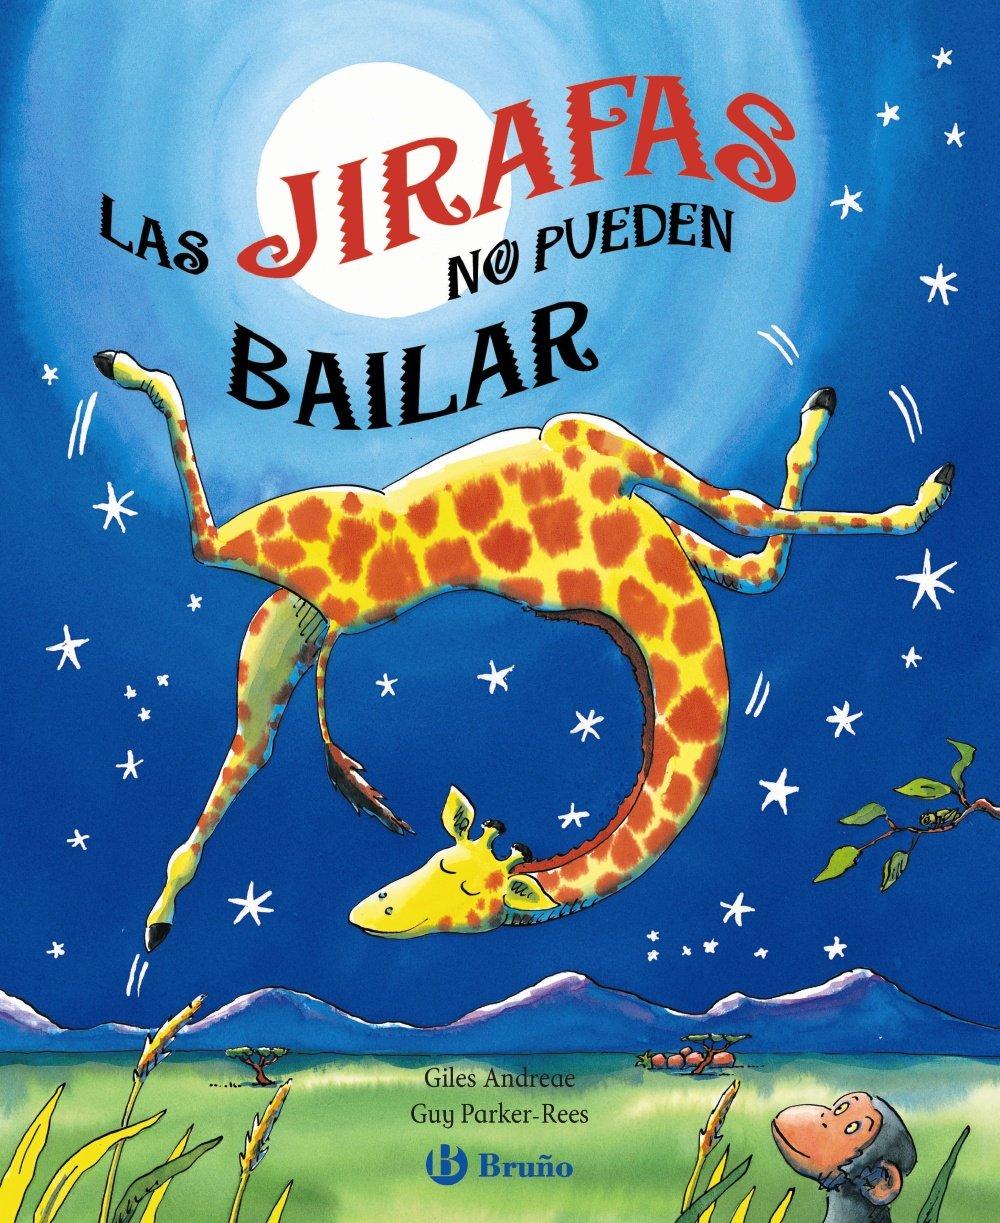 Las jirafas no pueden bailar   Autor: Giles Andreae  Todos los años, en África, se celebra el Baile de la Selva y a los animales les encanta bailar y ¡hacer piruetas! Chufa la jirafa quiere participar en ese famoso Baile, pero como todo el mundo sabe, ¡las jirafas no pueden bailar! ¿O sí? No te pierdas esta tierna y divertida historia con un gran mensaje en donde tus hijos aprenderá que las jirafas ¡SI pueden bailar!